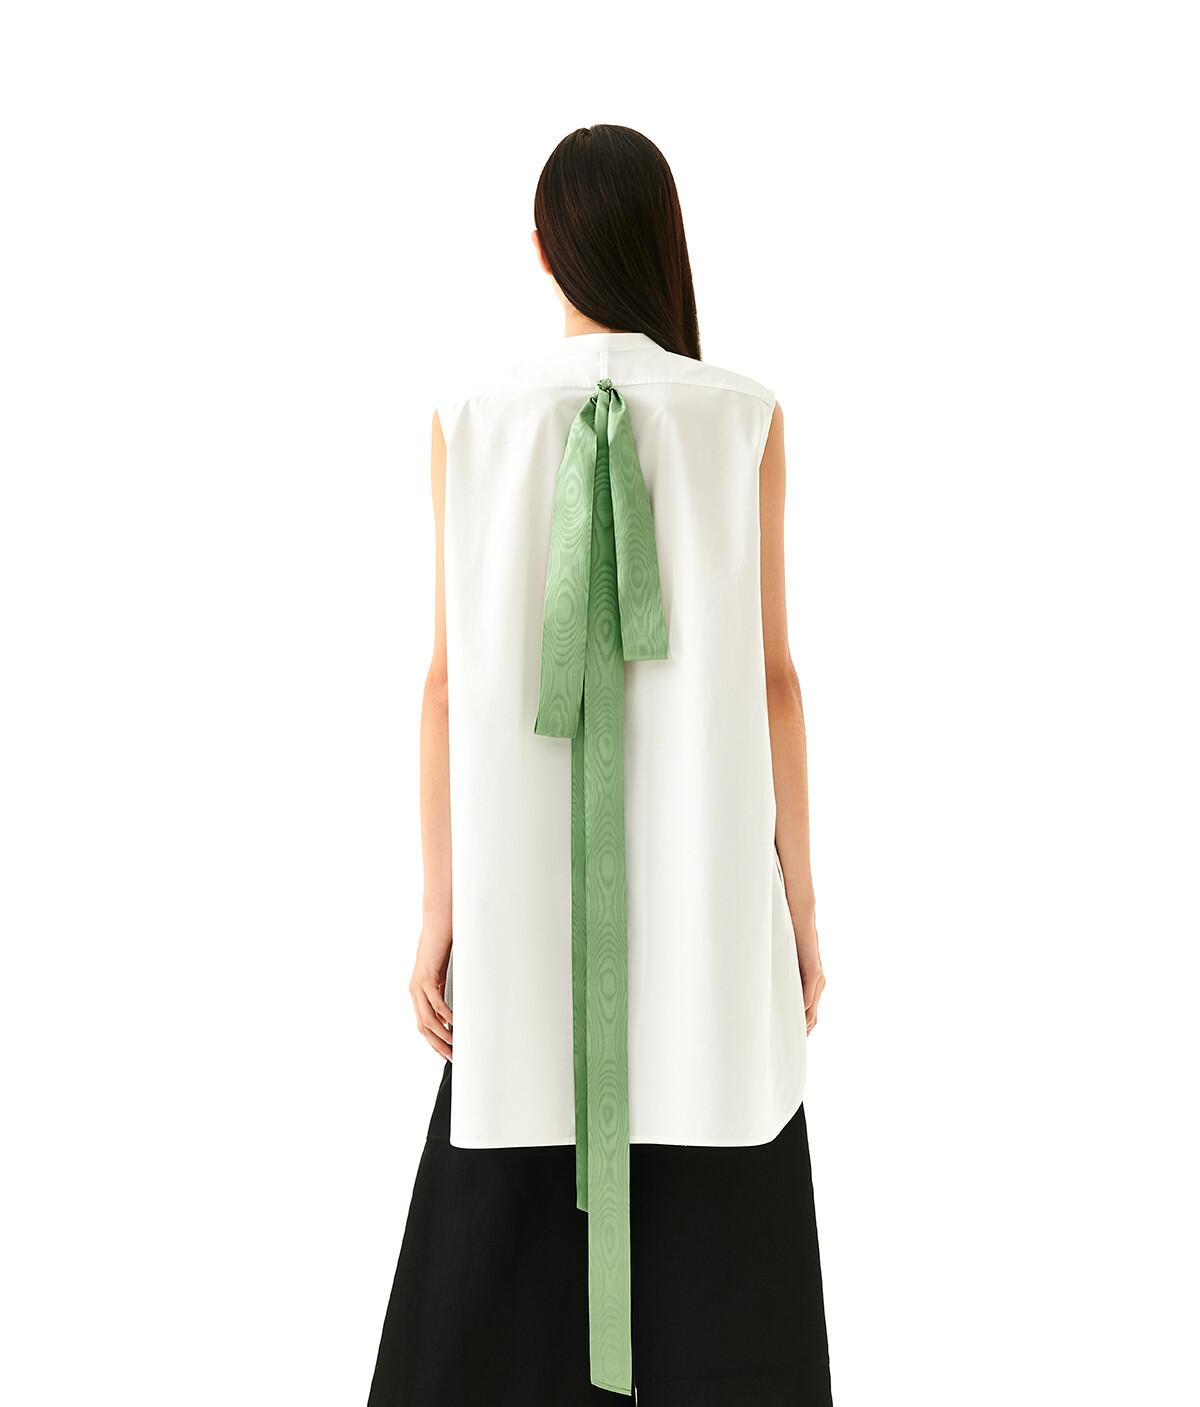 LOEWE Sleeveless Bib Shirt White front